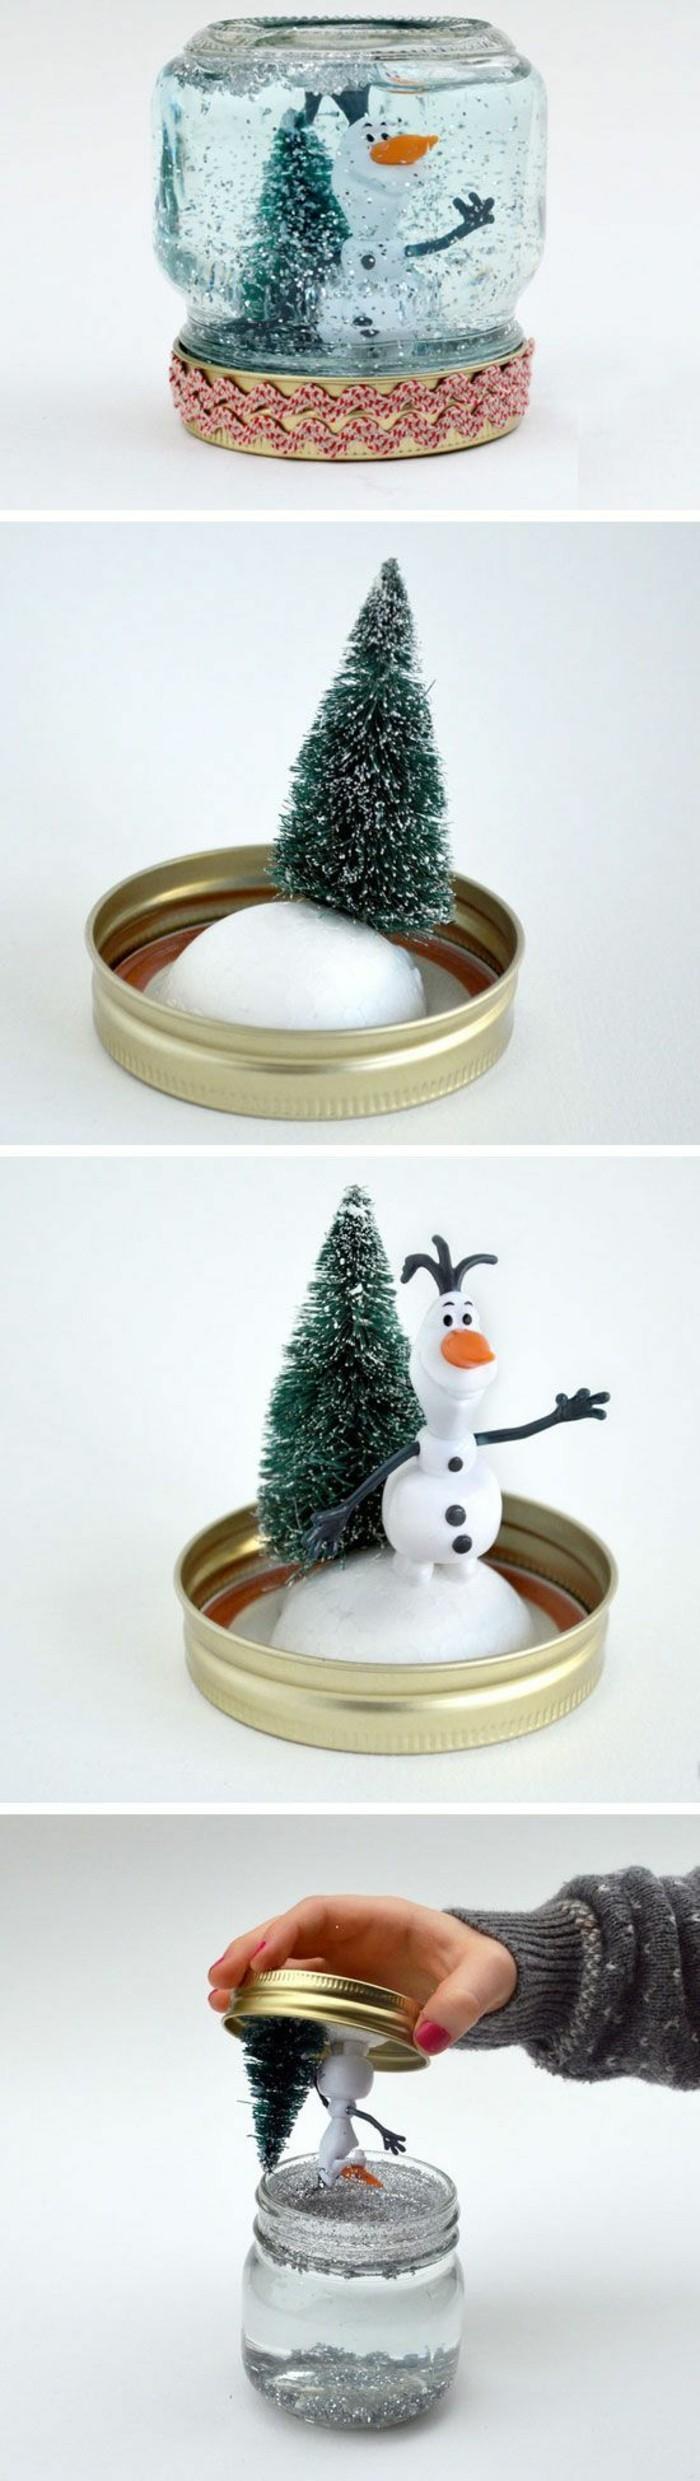 weihnachtendekoration-selber-machen-weihnachtsdeko-selber-machen-weihnachtsglaser